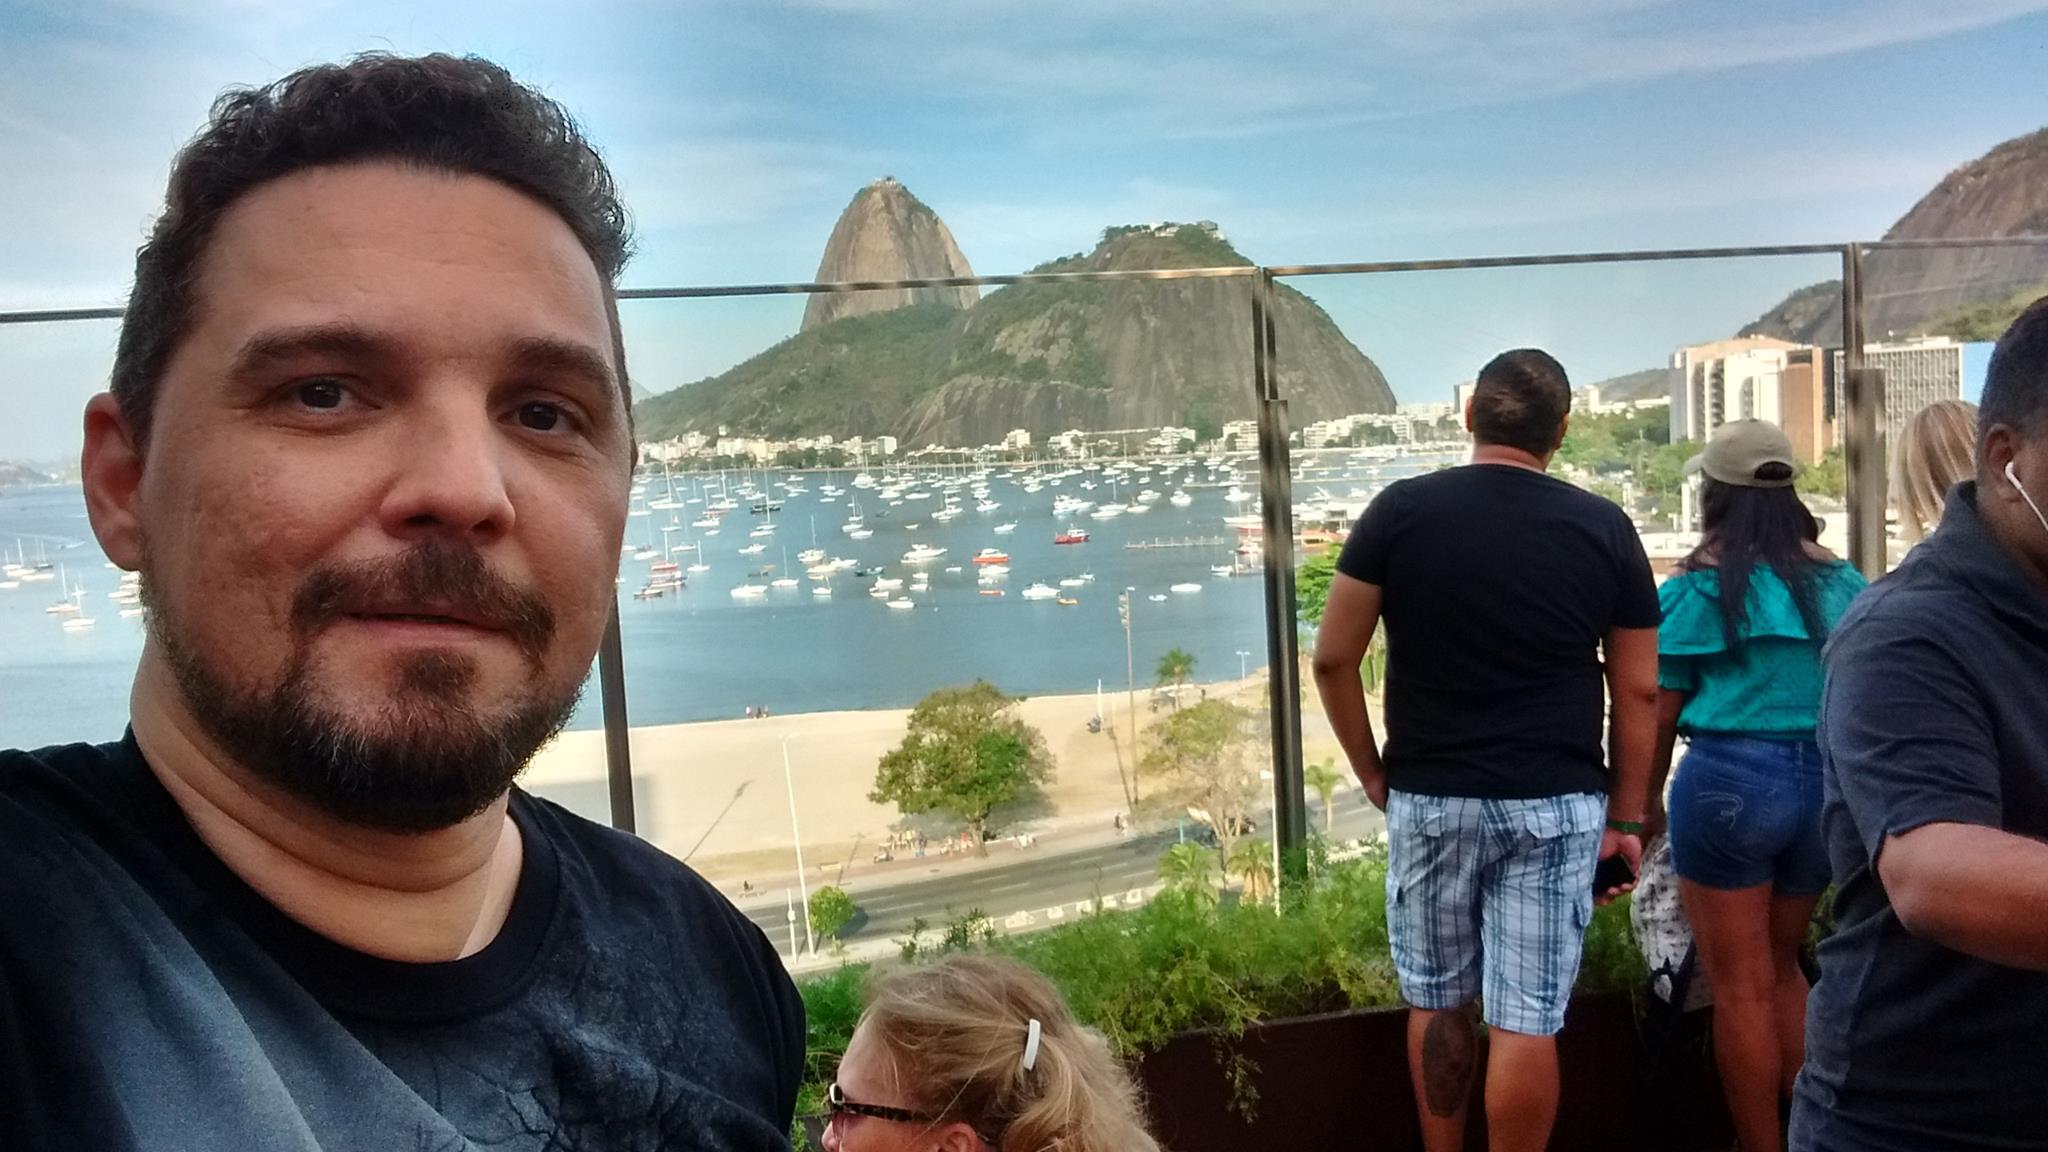 Competente e um profissional espetacular, o jornalista Márcio Costa vem aí cheio de muitas novidades, agora na TV. Aguardem!